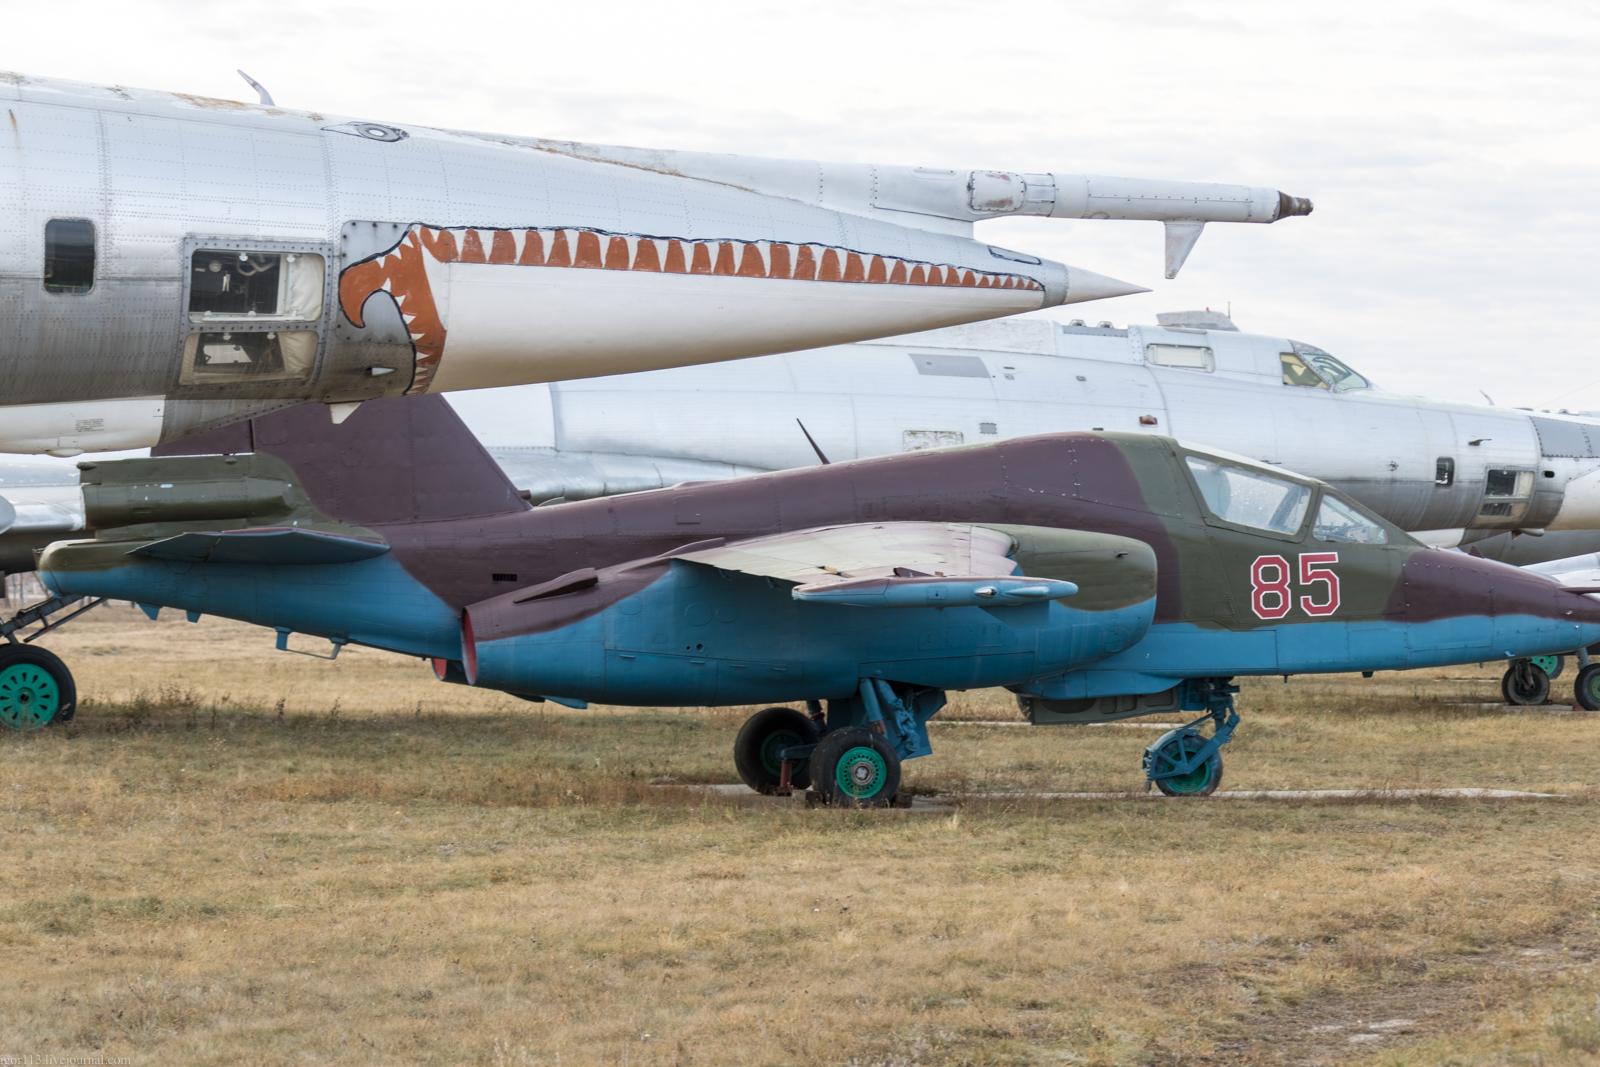 Музей Дальней авиации в Энгельсе: противотанковый штурмовик Су-25Т.